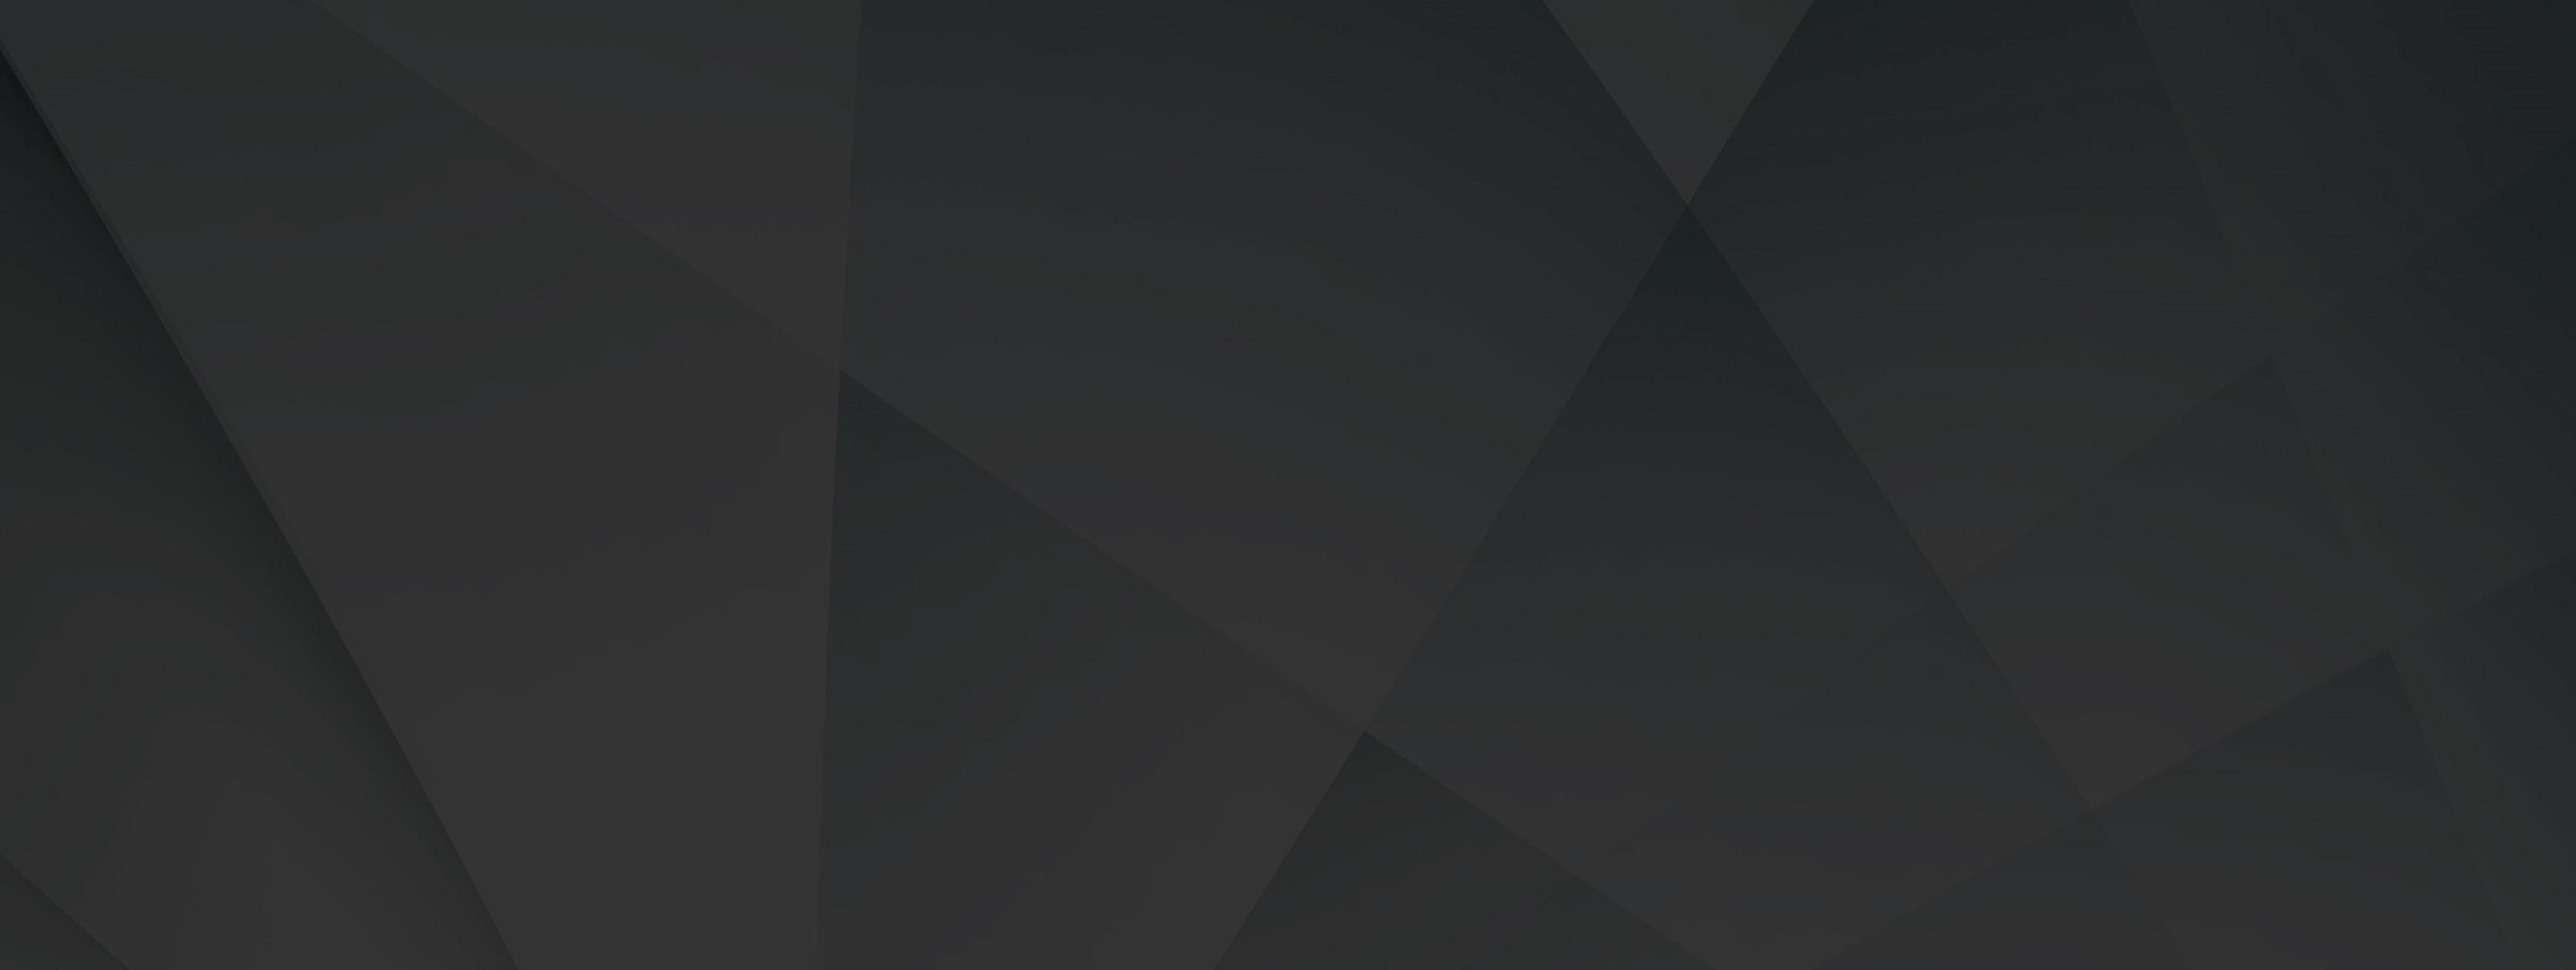 GRAY shapes - Copy-1